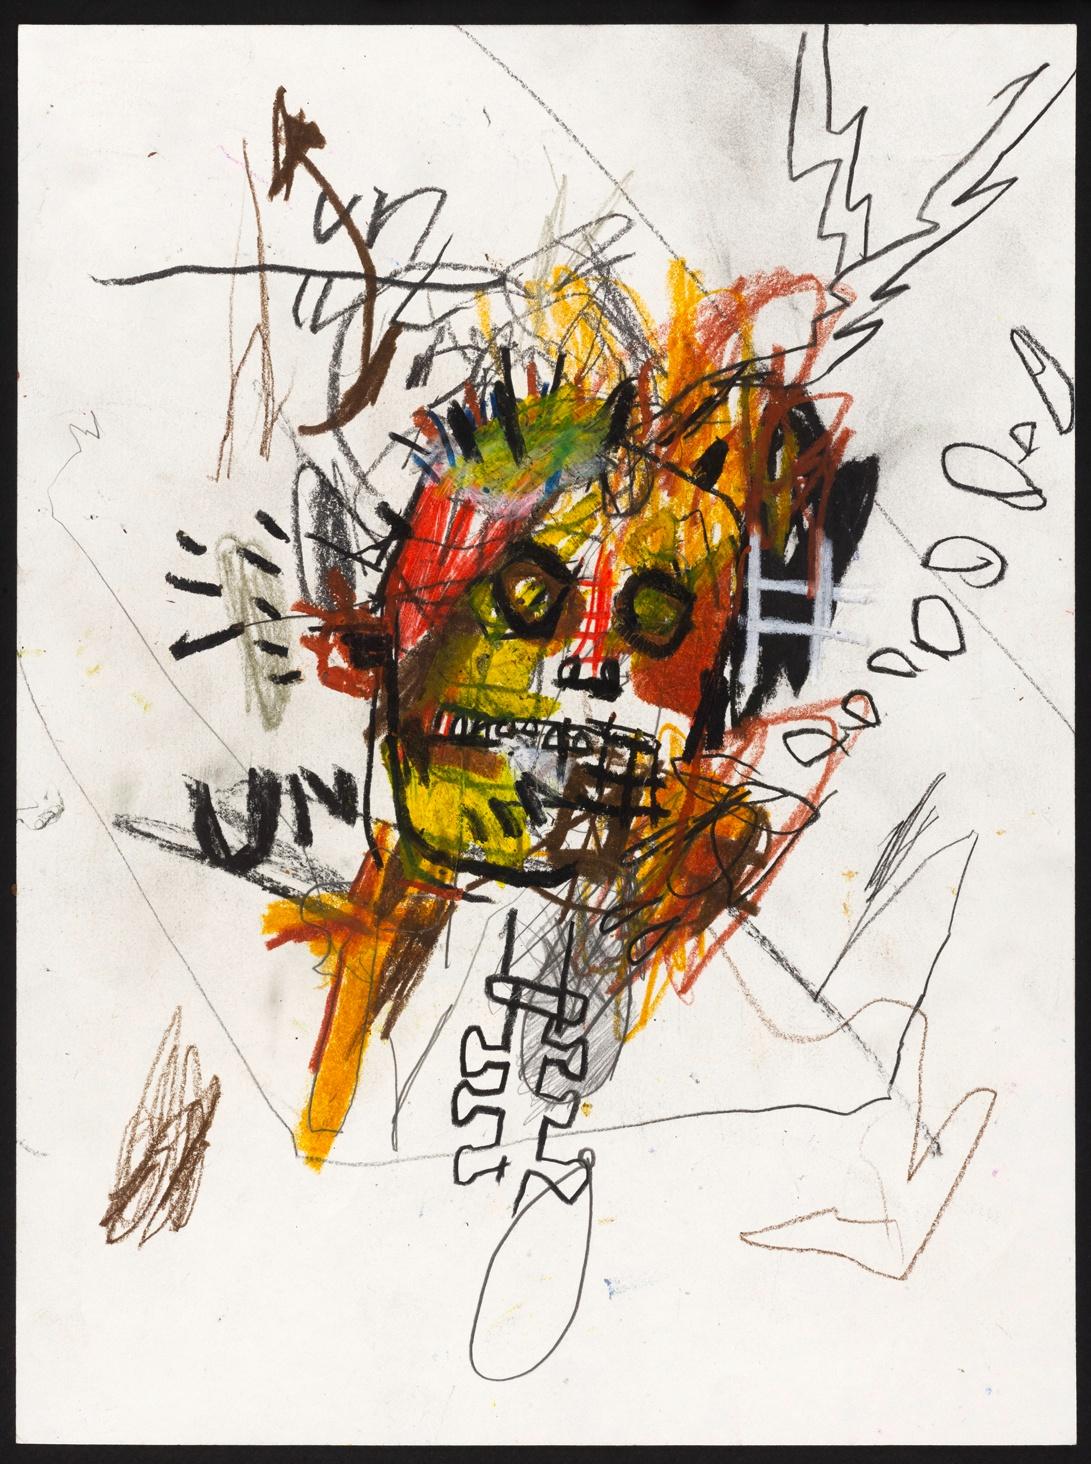 Dessin sans titre de Jean-Michel Basquiat